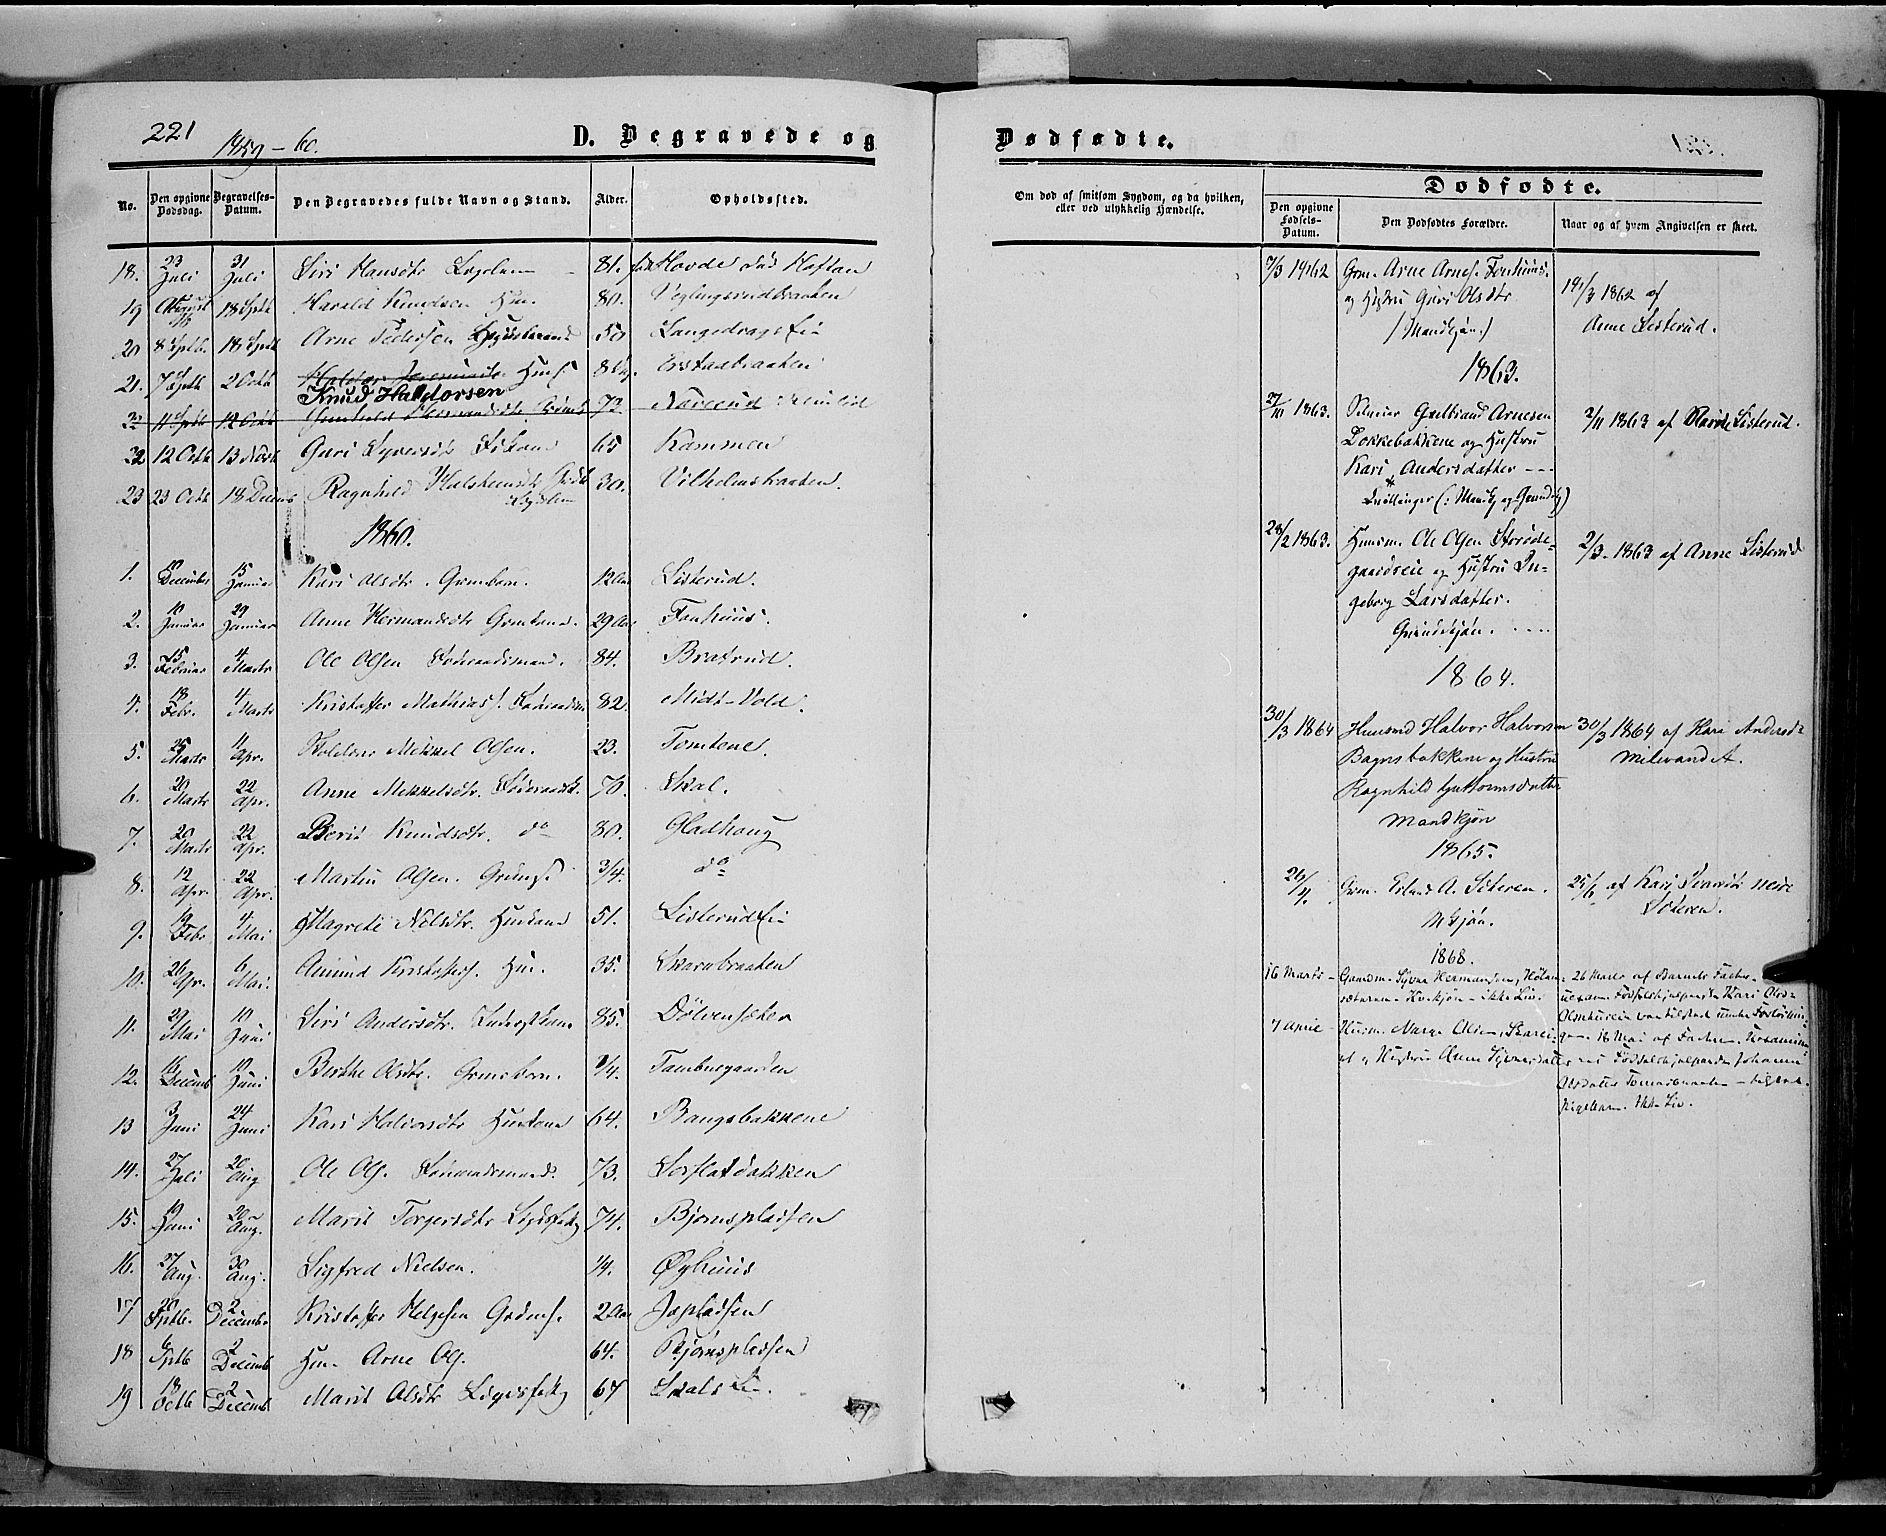 SAH, Sør-Aurdal prestekontor, Ministerialbok nr. 5, 1849-1876, s. 221